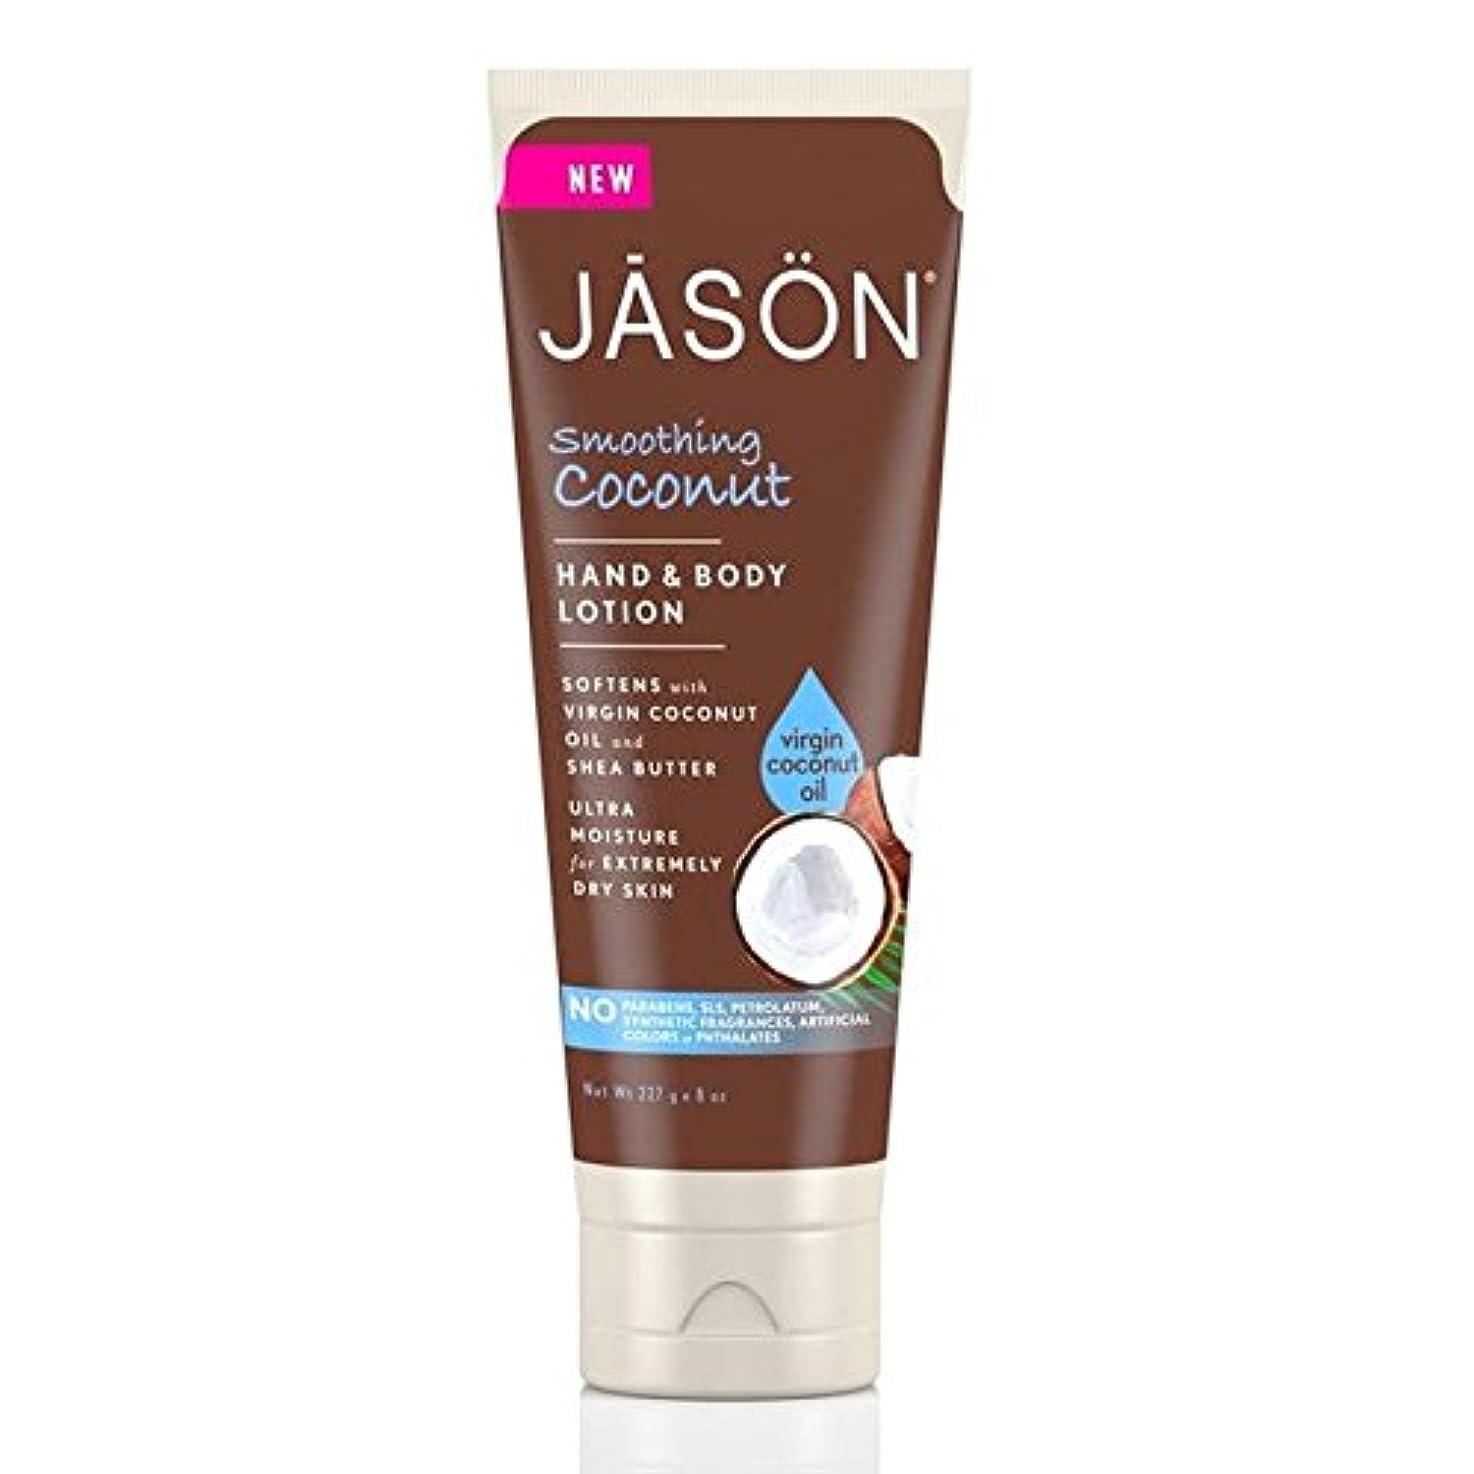 ゲート落ち着いて耳Jason Coconut Hand & Body Lotion 227g (Pack of 6) - ジェイソン?ココナッツハンド&ボディローション227グラム x6 [並行輸入品]